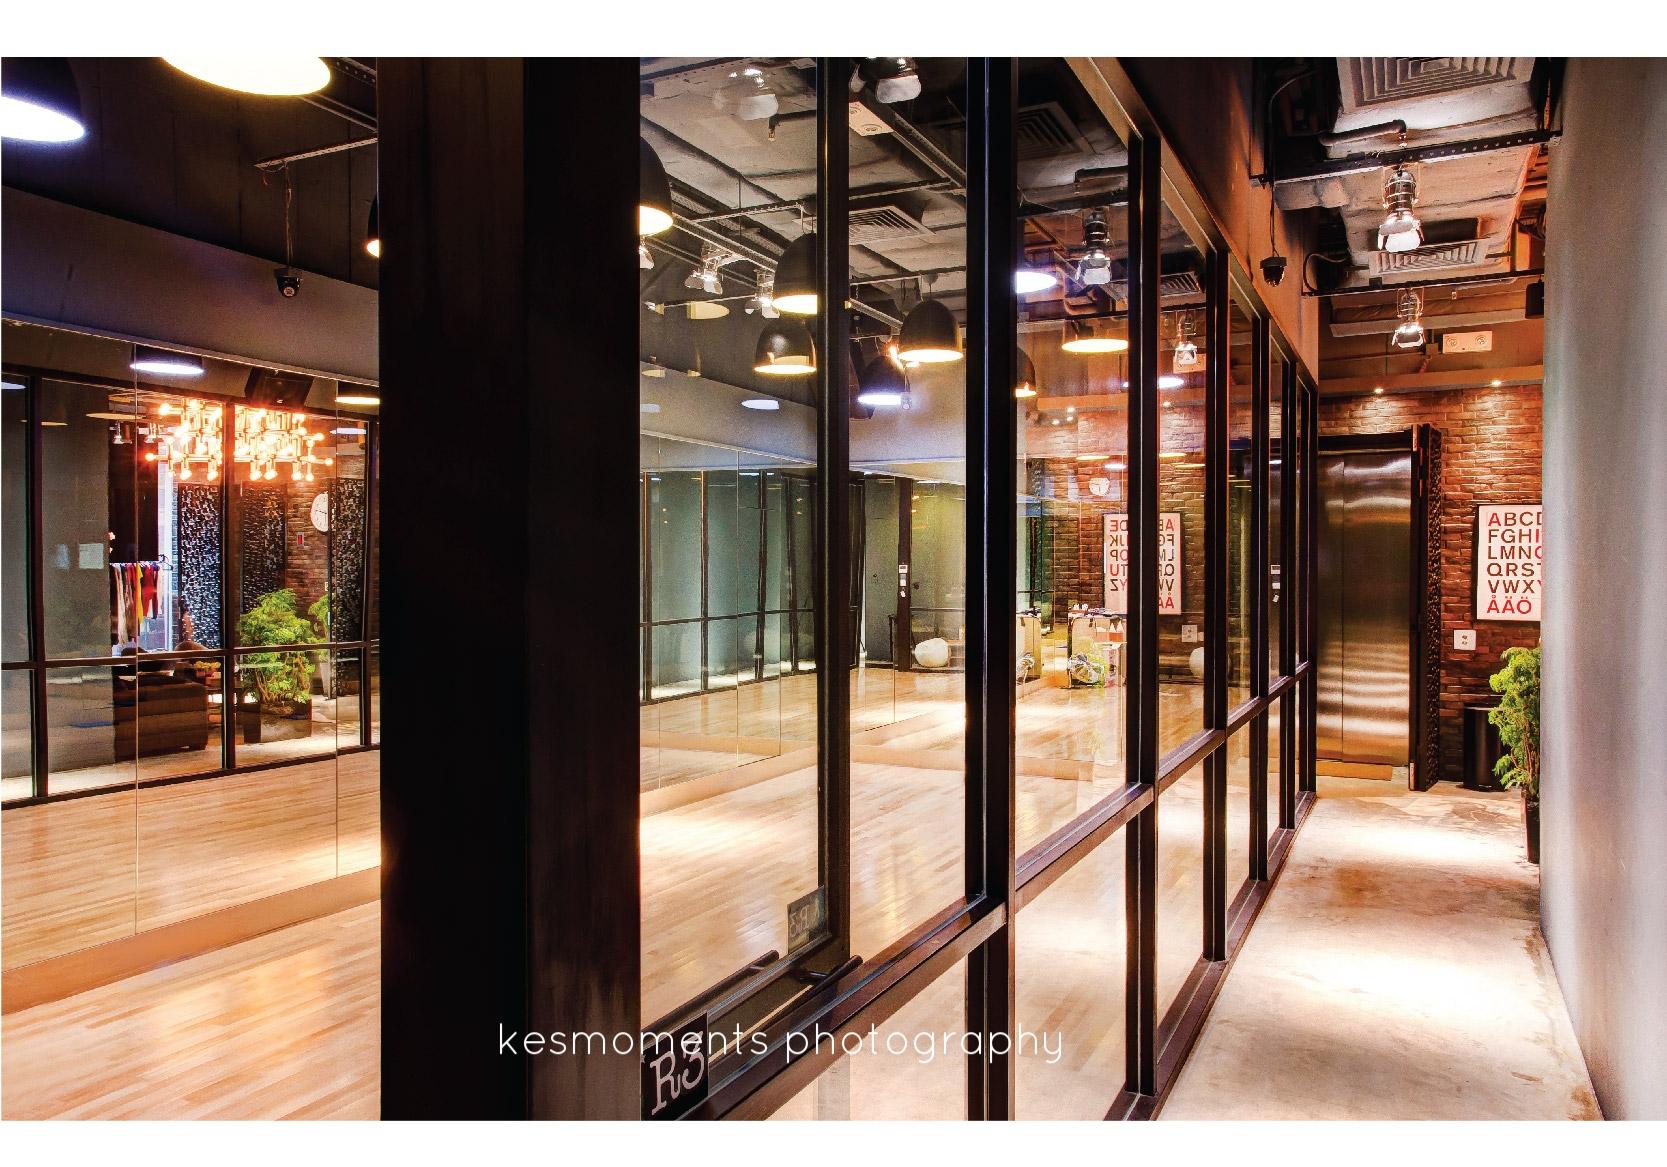 kesMoments_portfolio_2014_v2-14.jpg